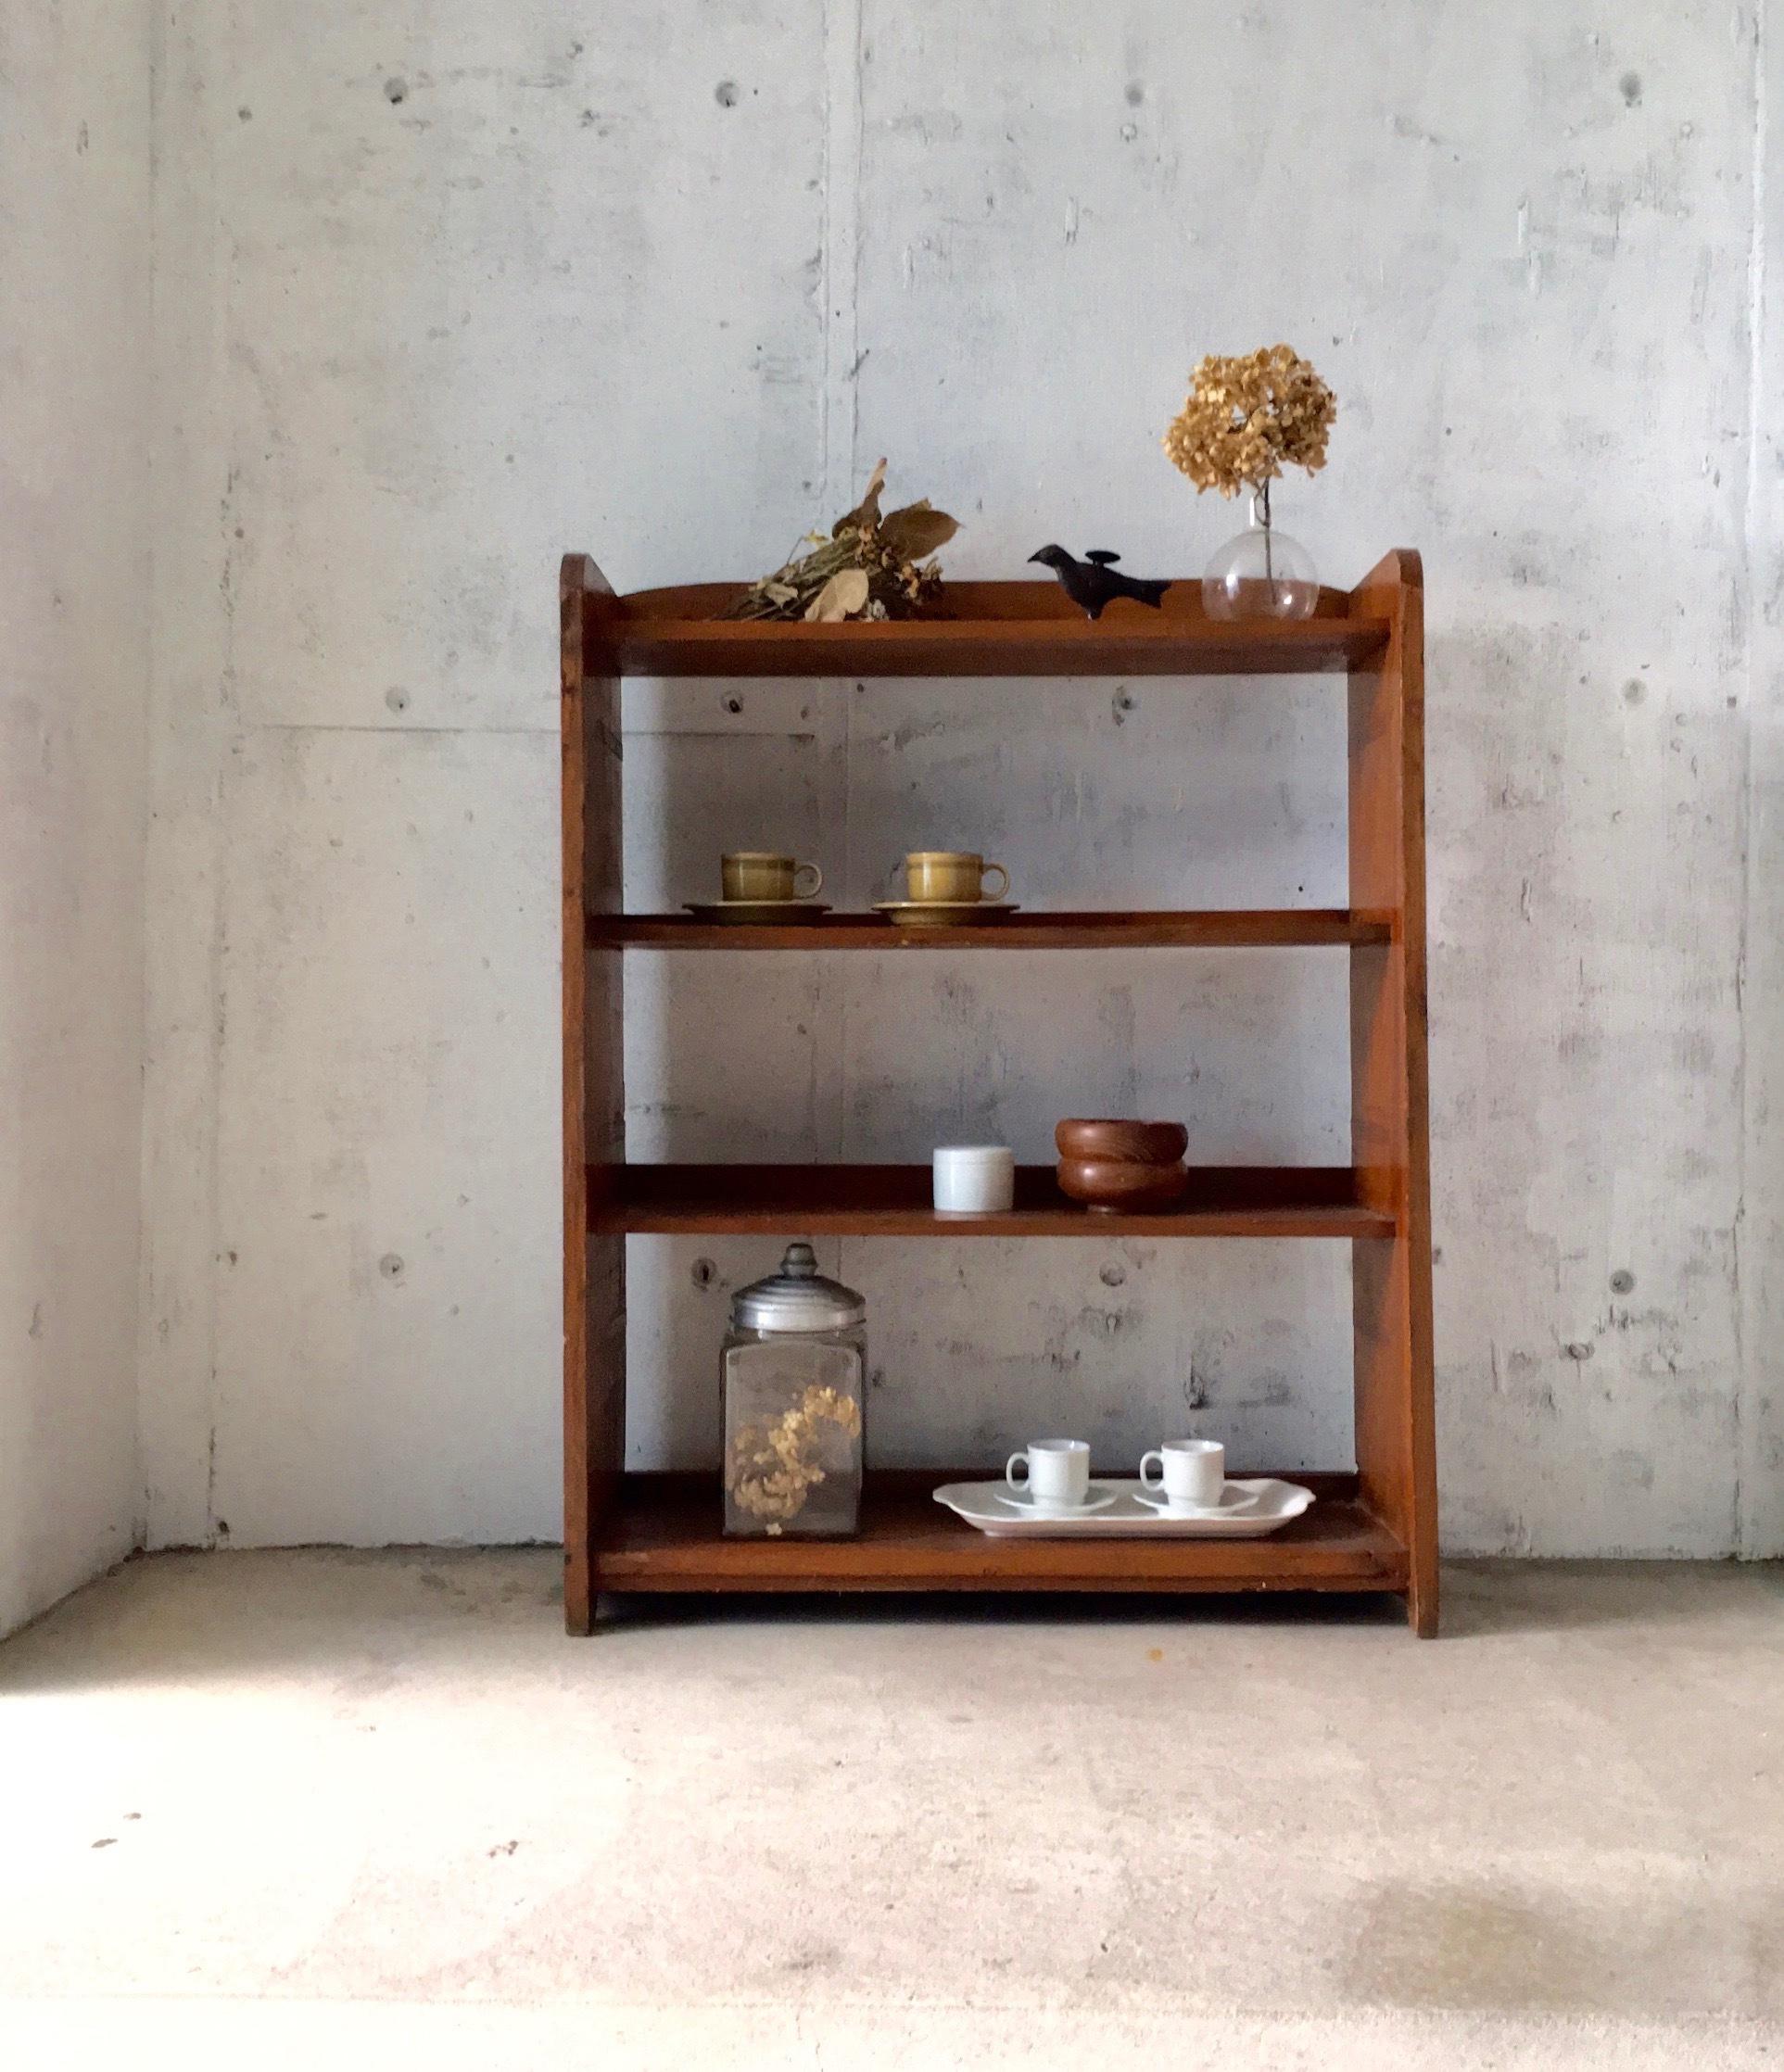 木味のディスプレイ棚[古家具]